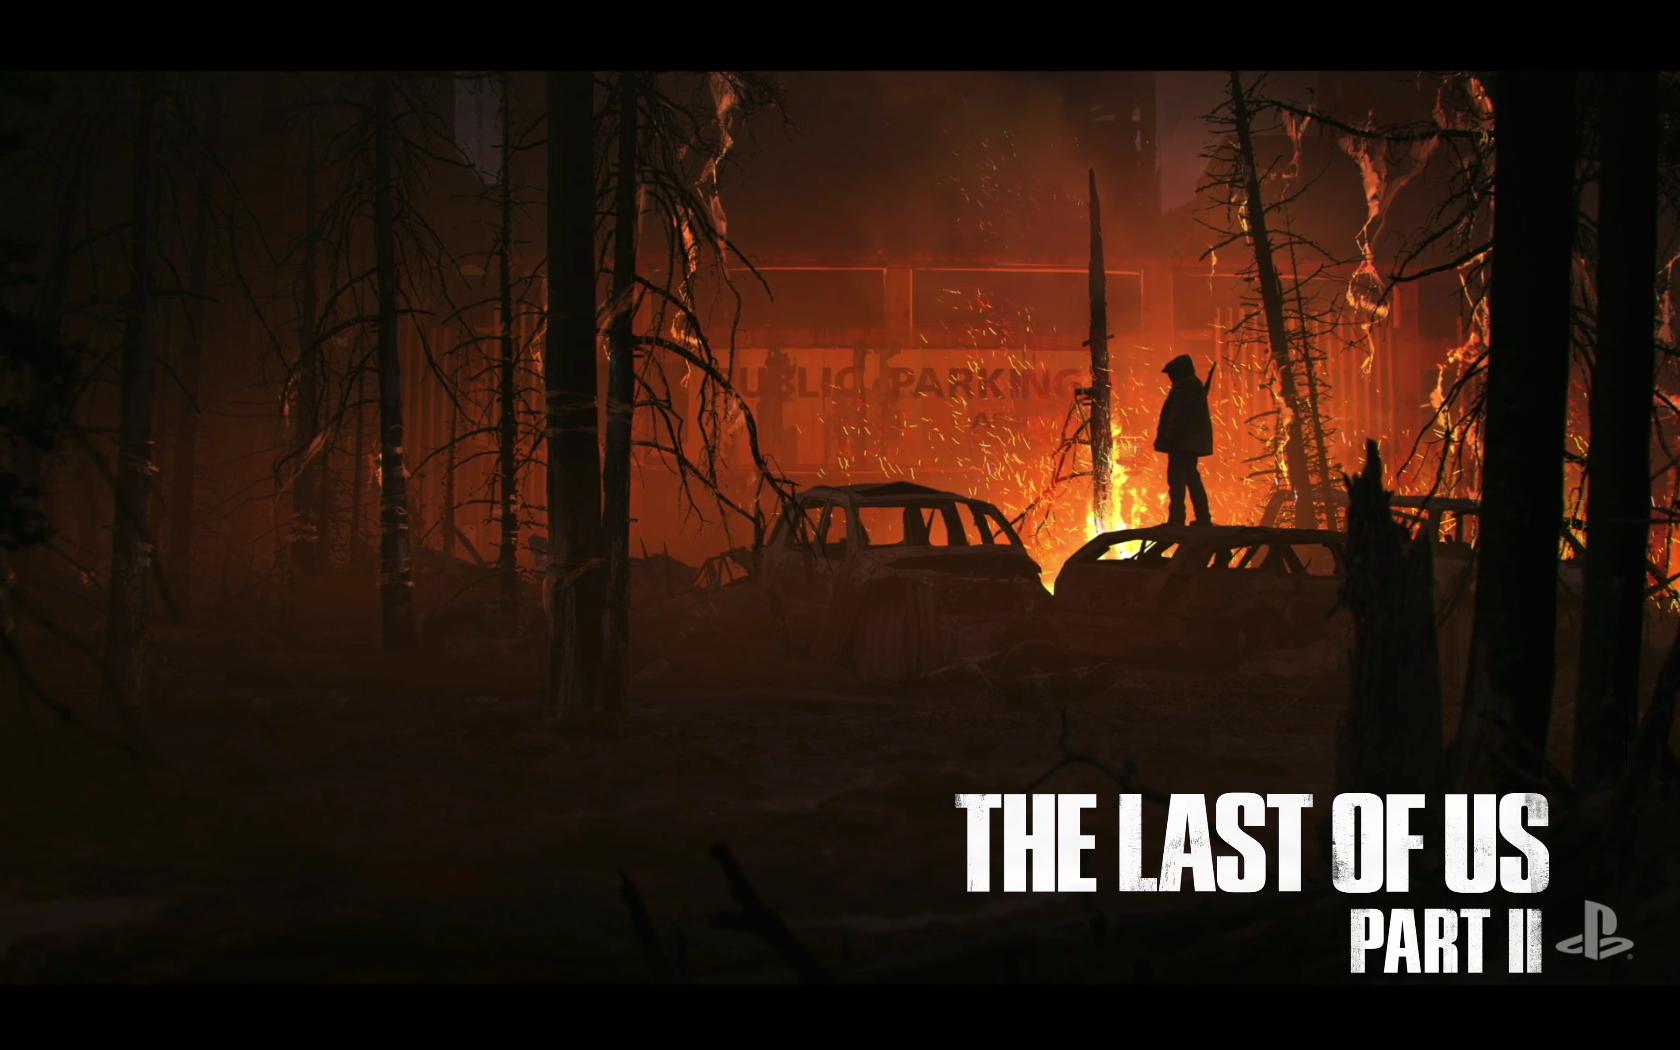 The Last Of Us Part II Concept Art Wallpaper Art